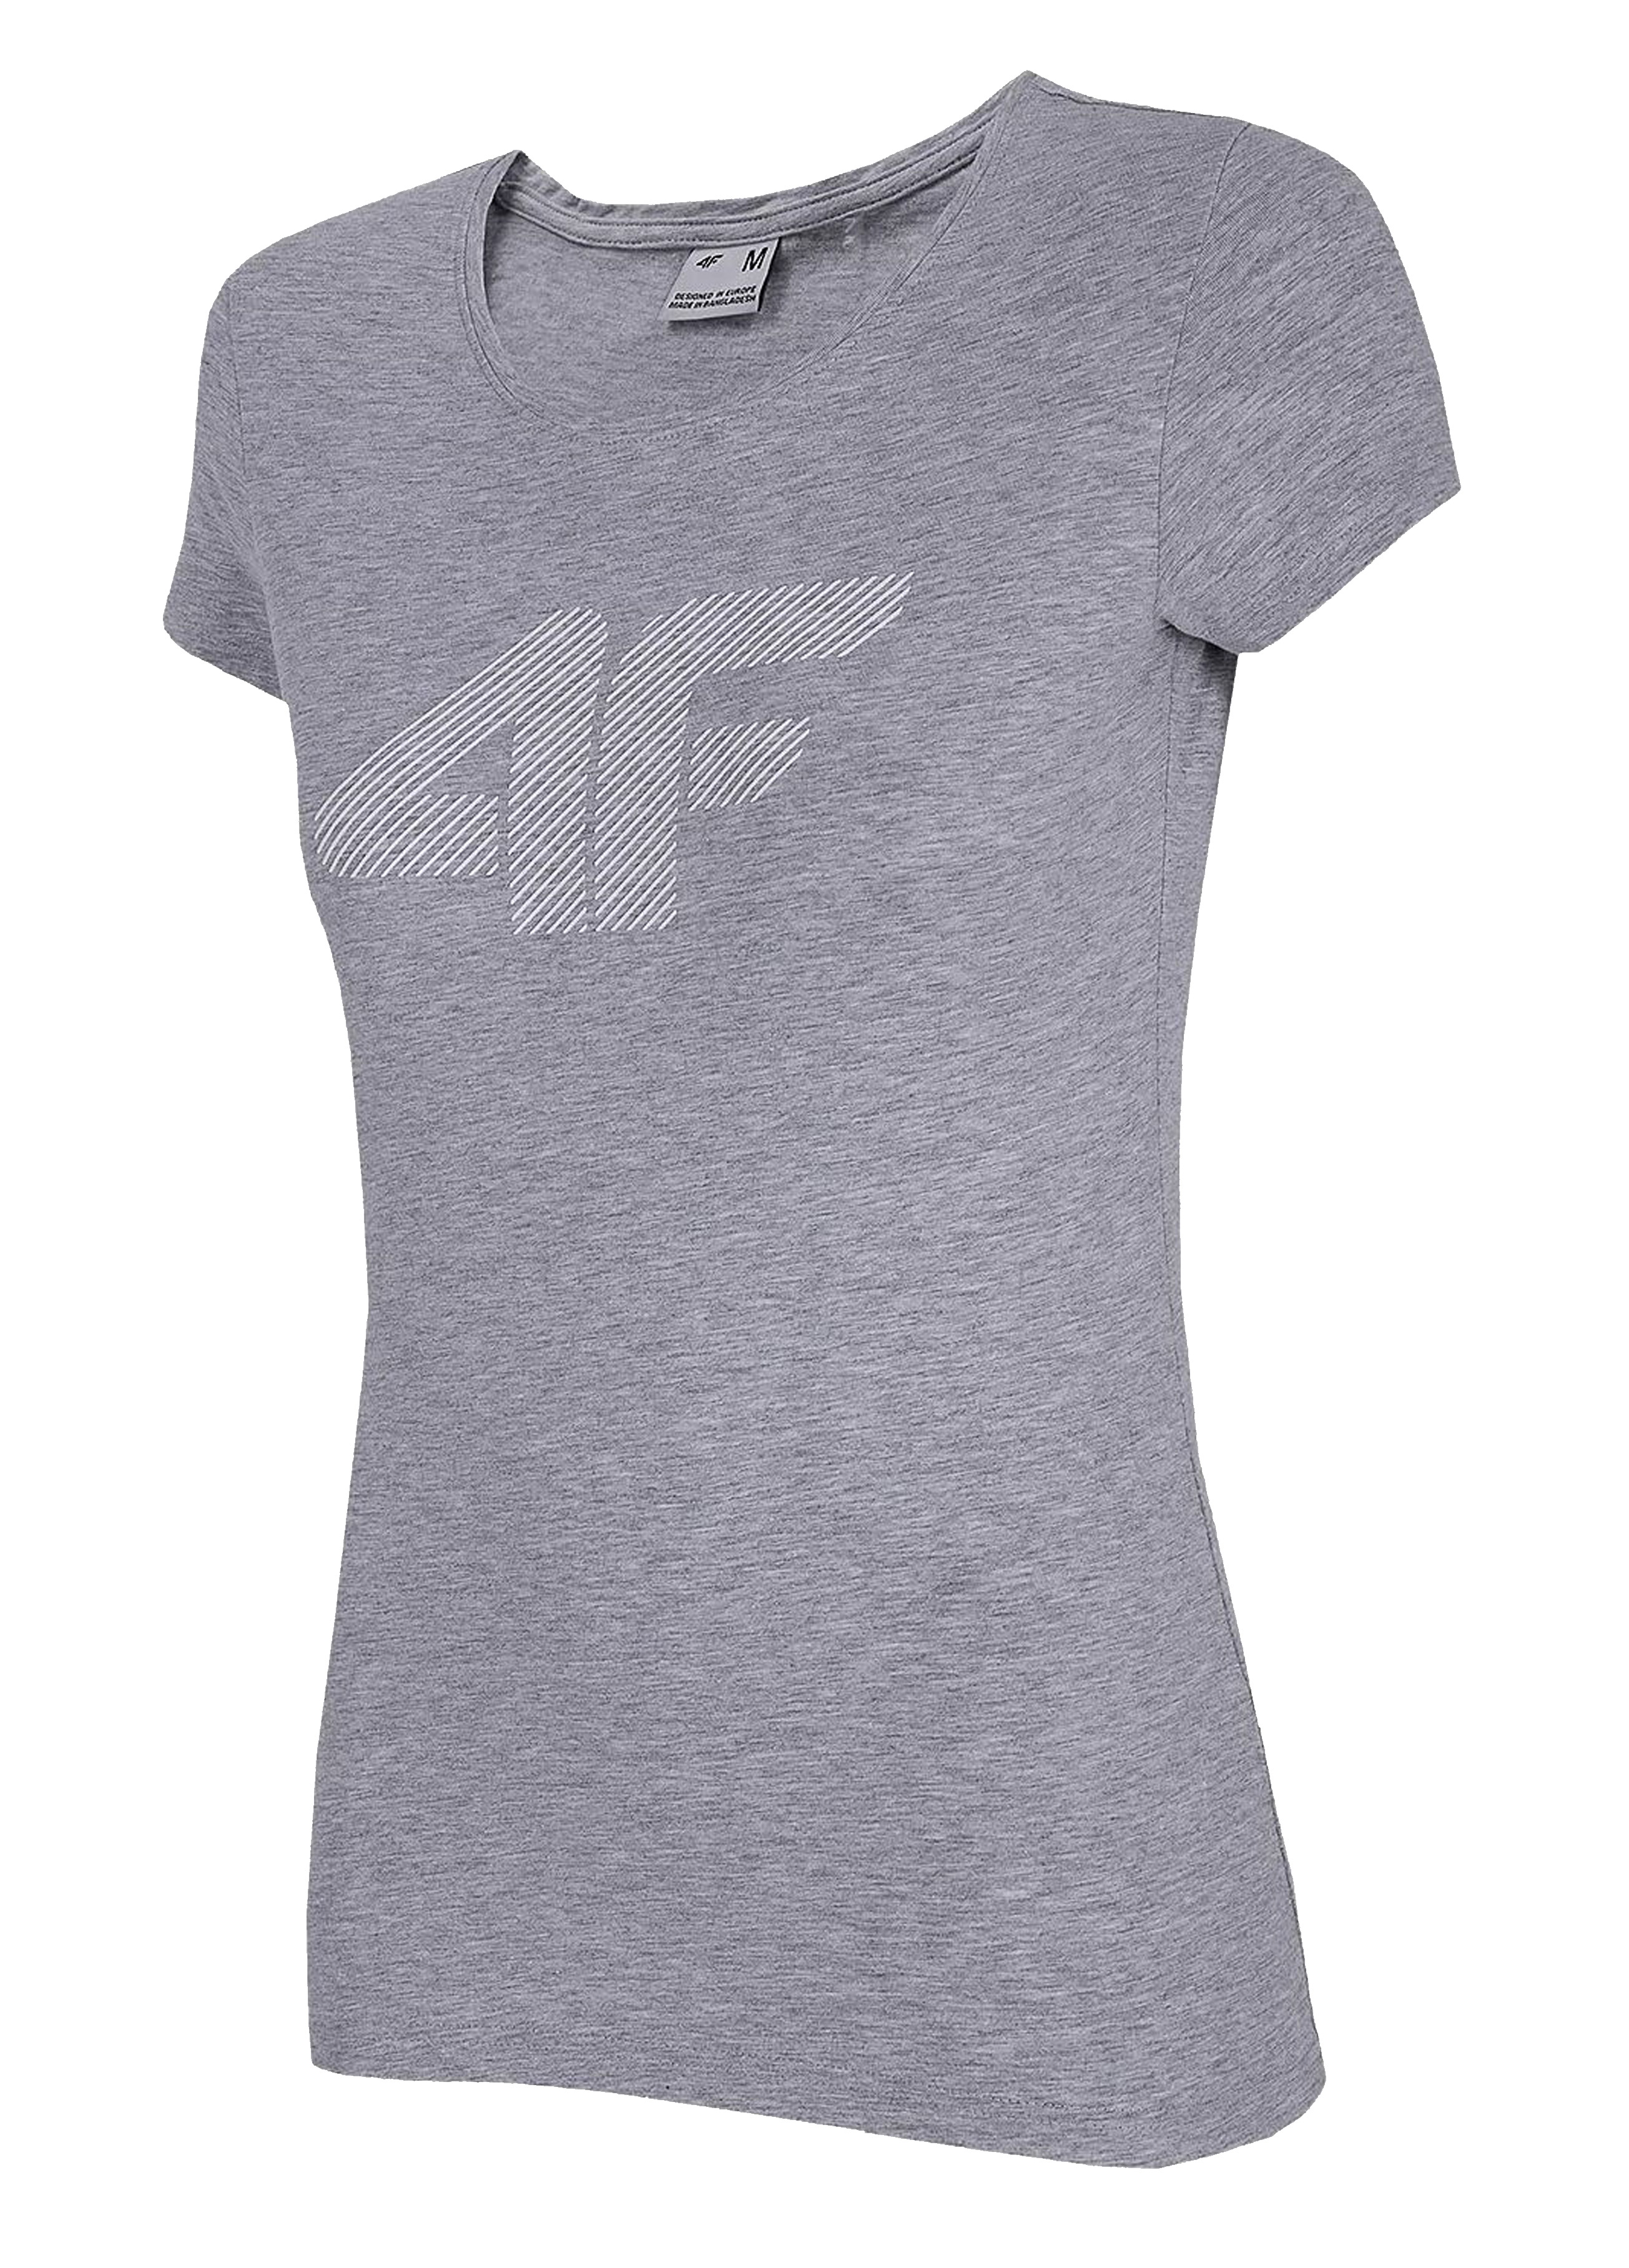 חולצת T פור אף לנשים 4F COMFY - אפור